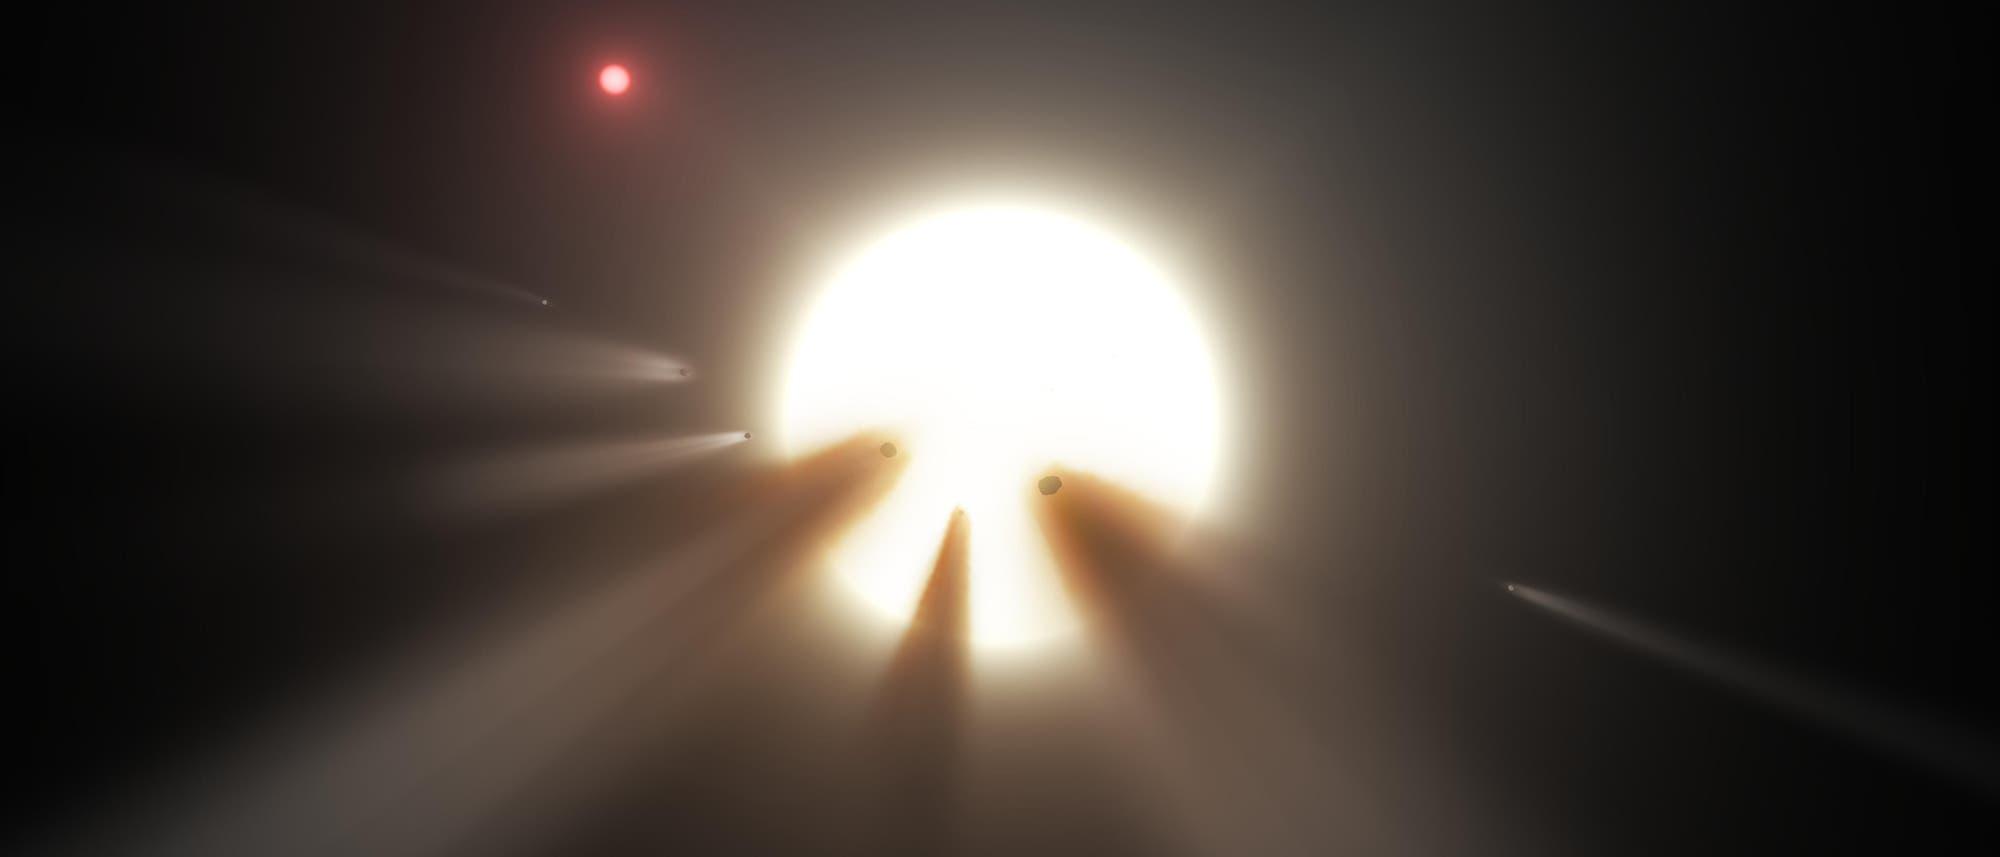 Kometen und andere Himmelskörper können einen Stern kurzzeitig verdunkeln, wie in dieser künstlerischen Darstellung.